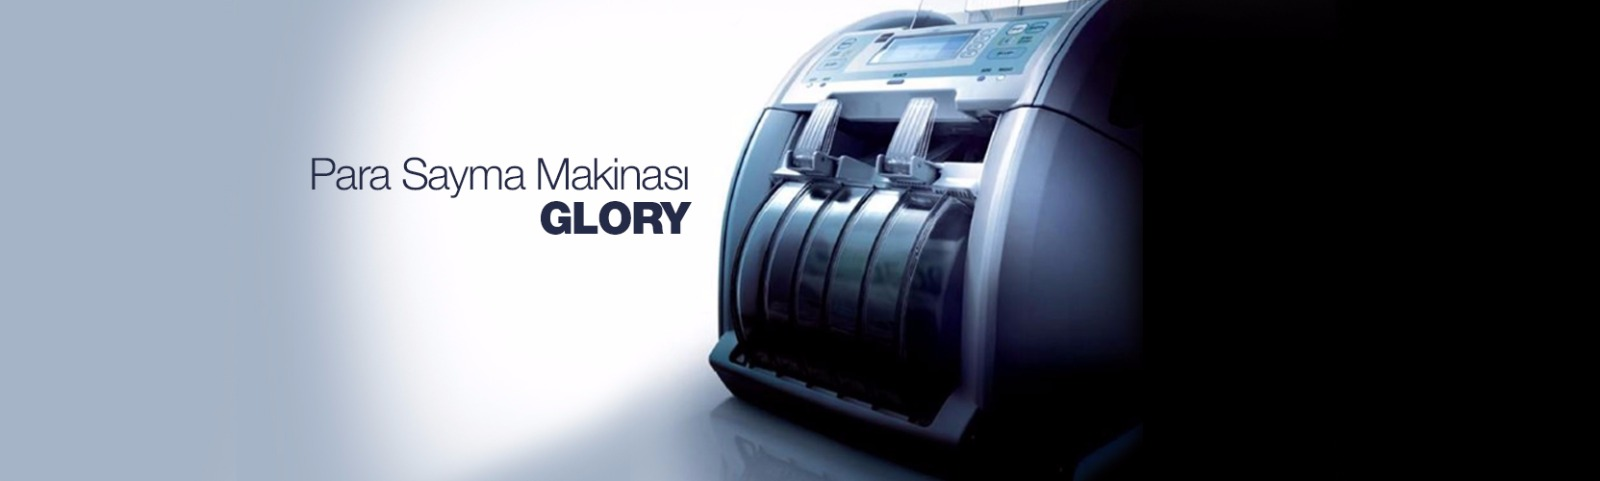 Bozuk para sayma makinesi almak karlı bir iş mi?